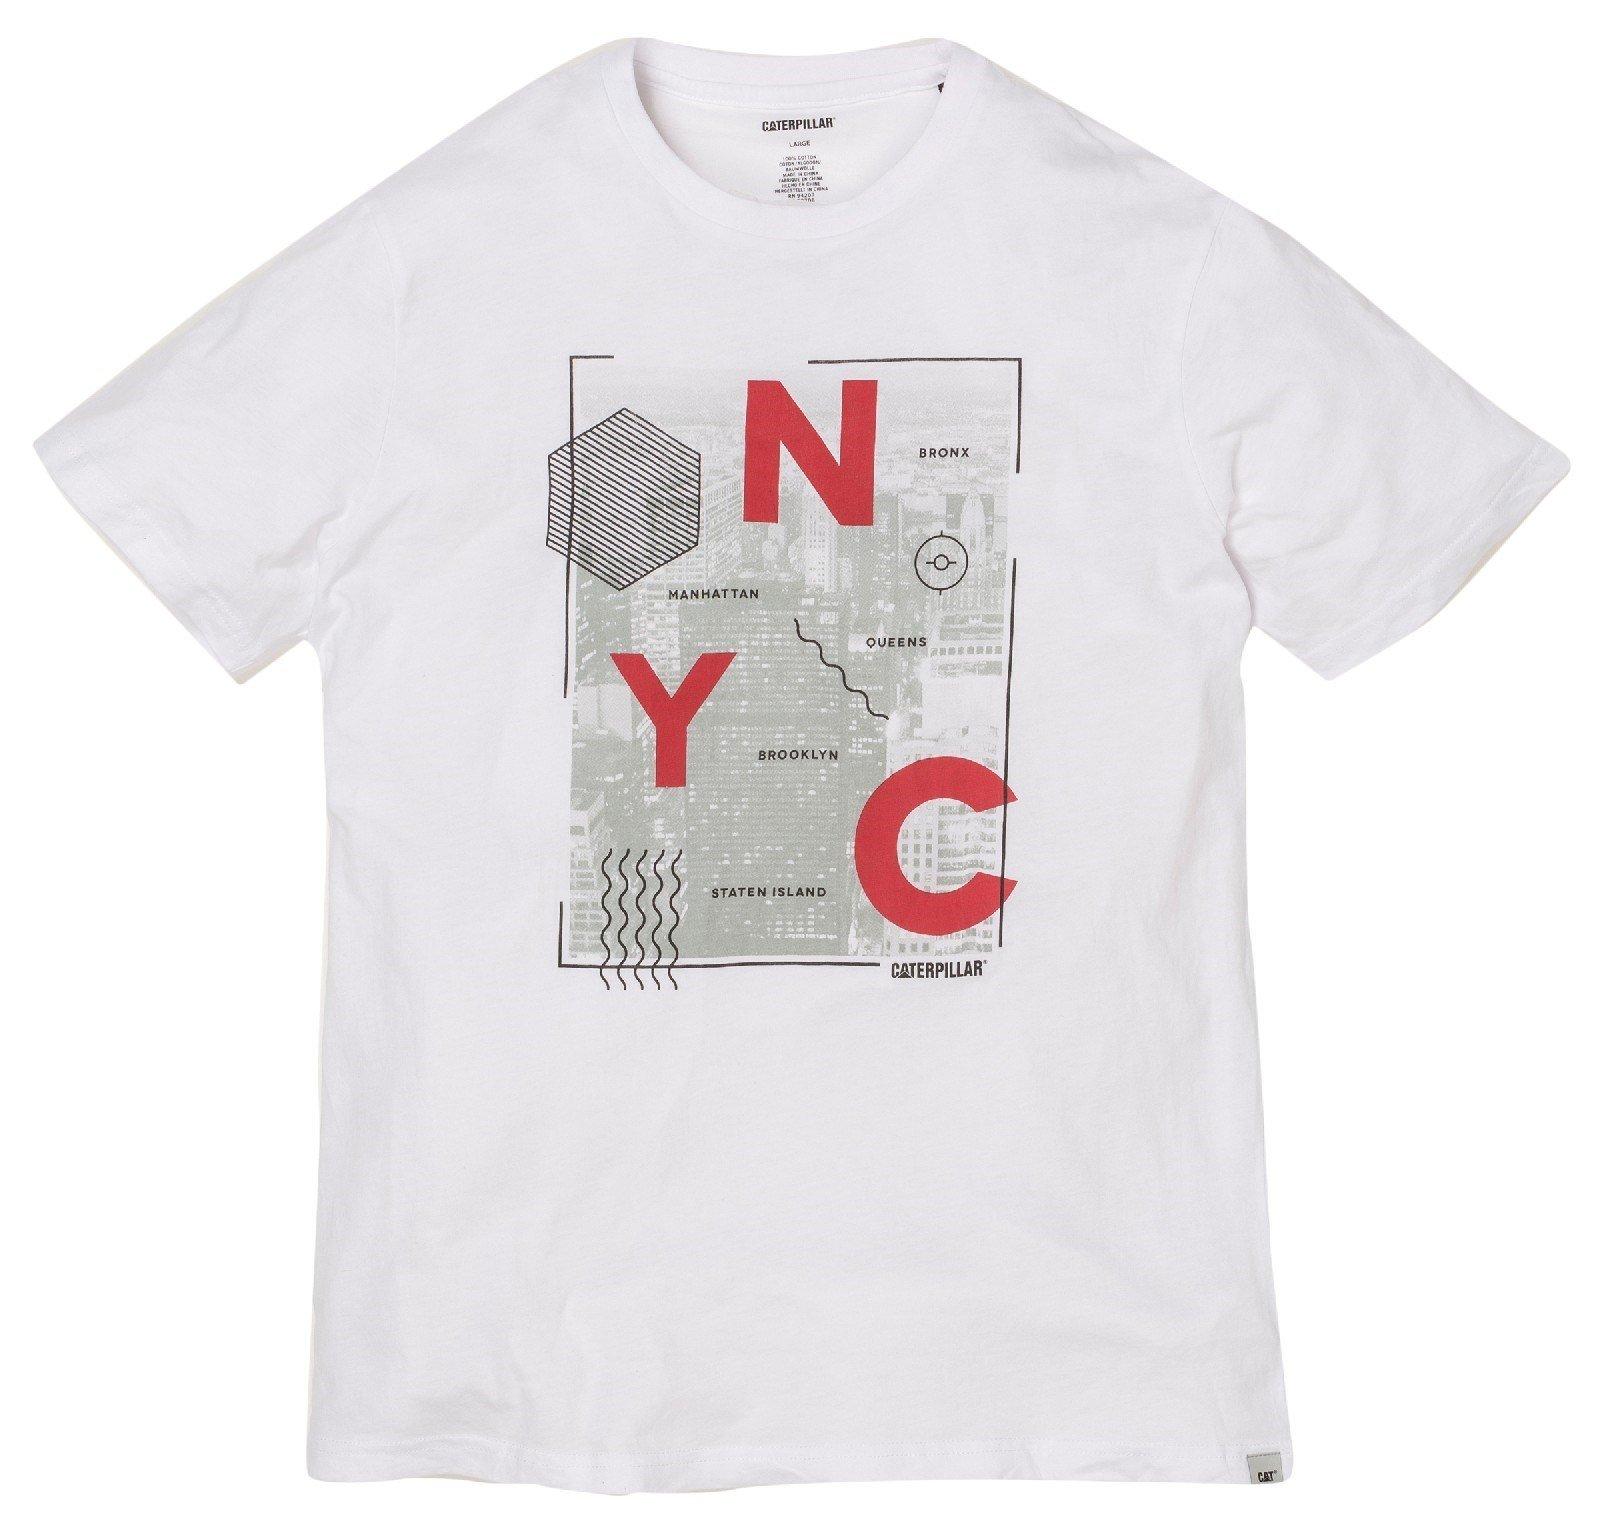 CAT Lifestyle Unisex NYC T-Shirt White 26162 - White Sml